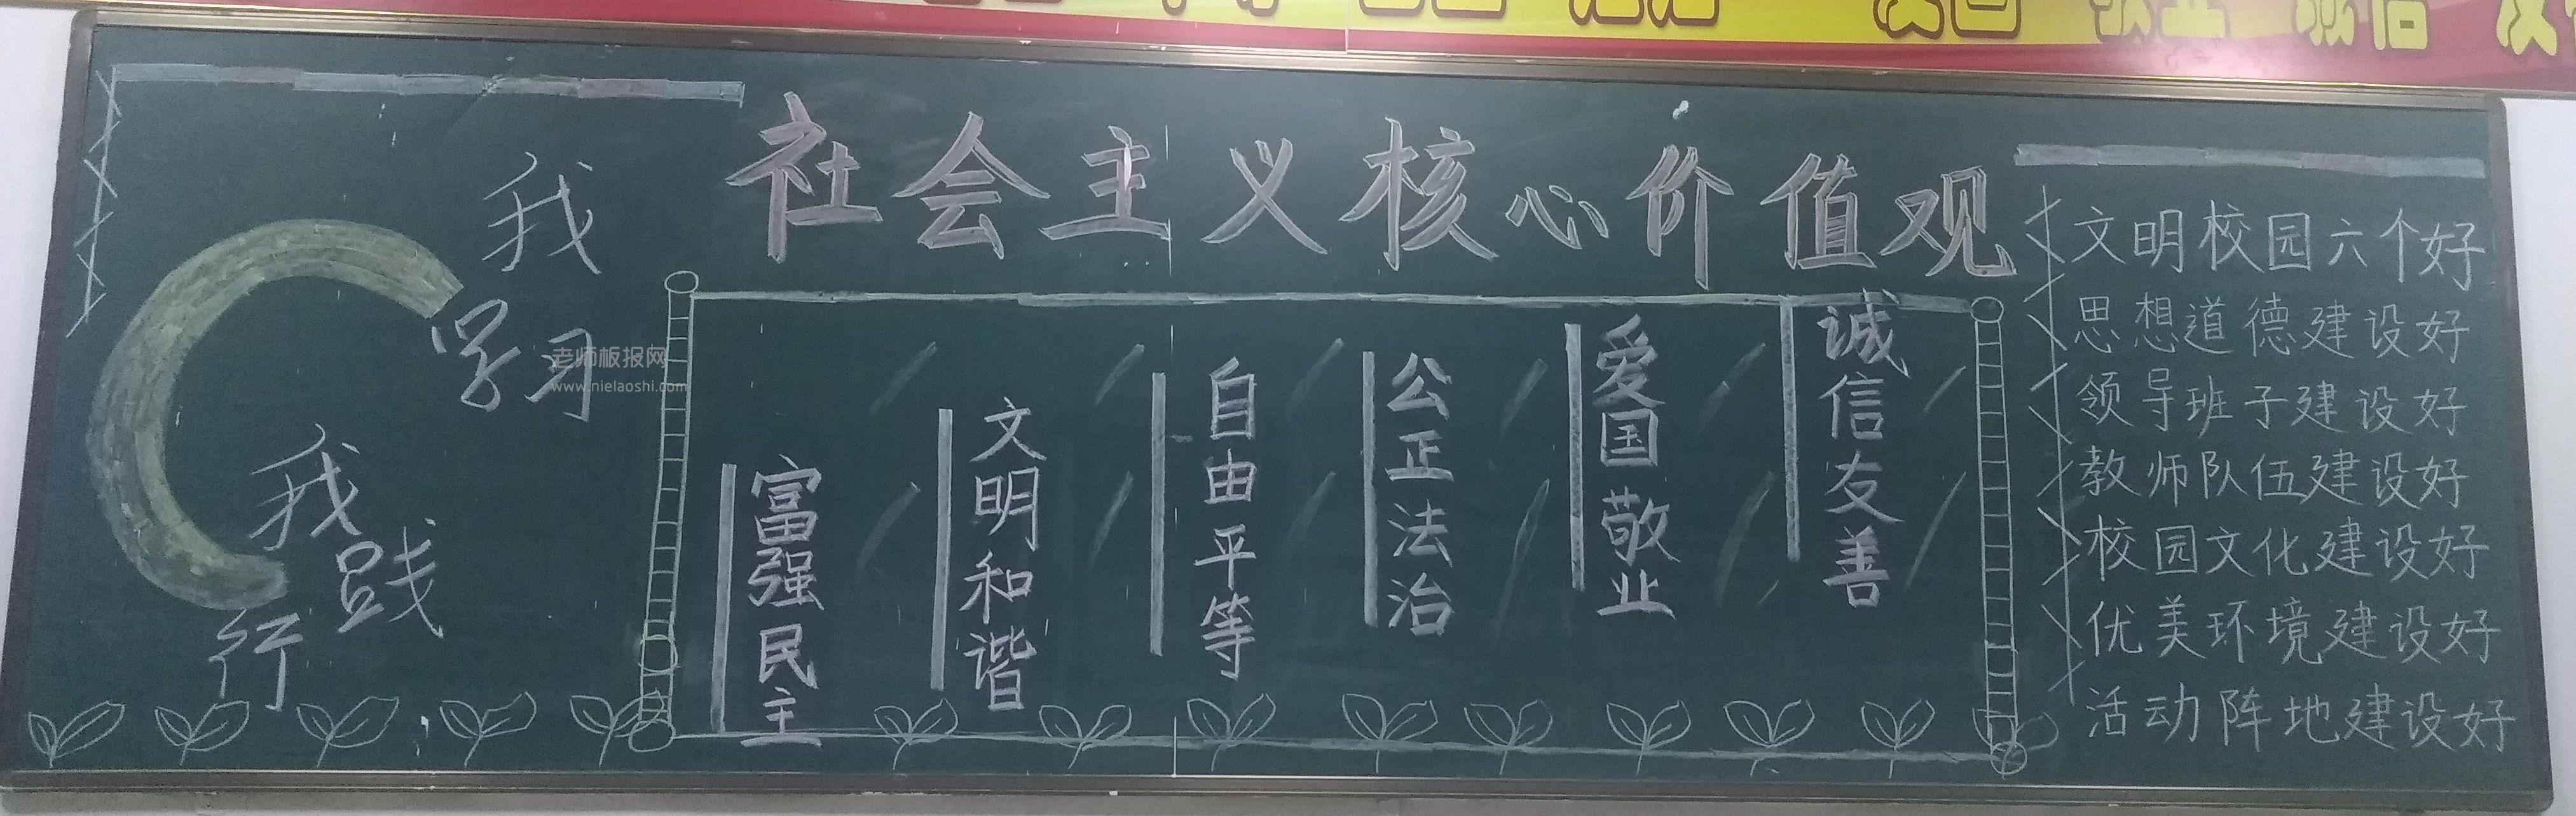 校园黑板报 社会主义核心价值观